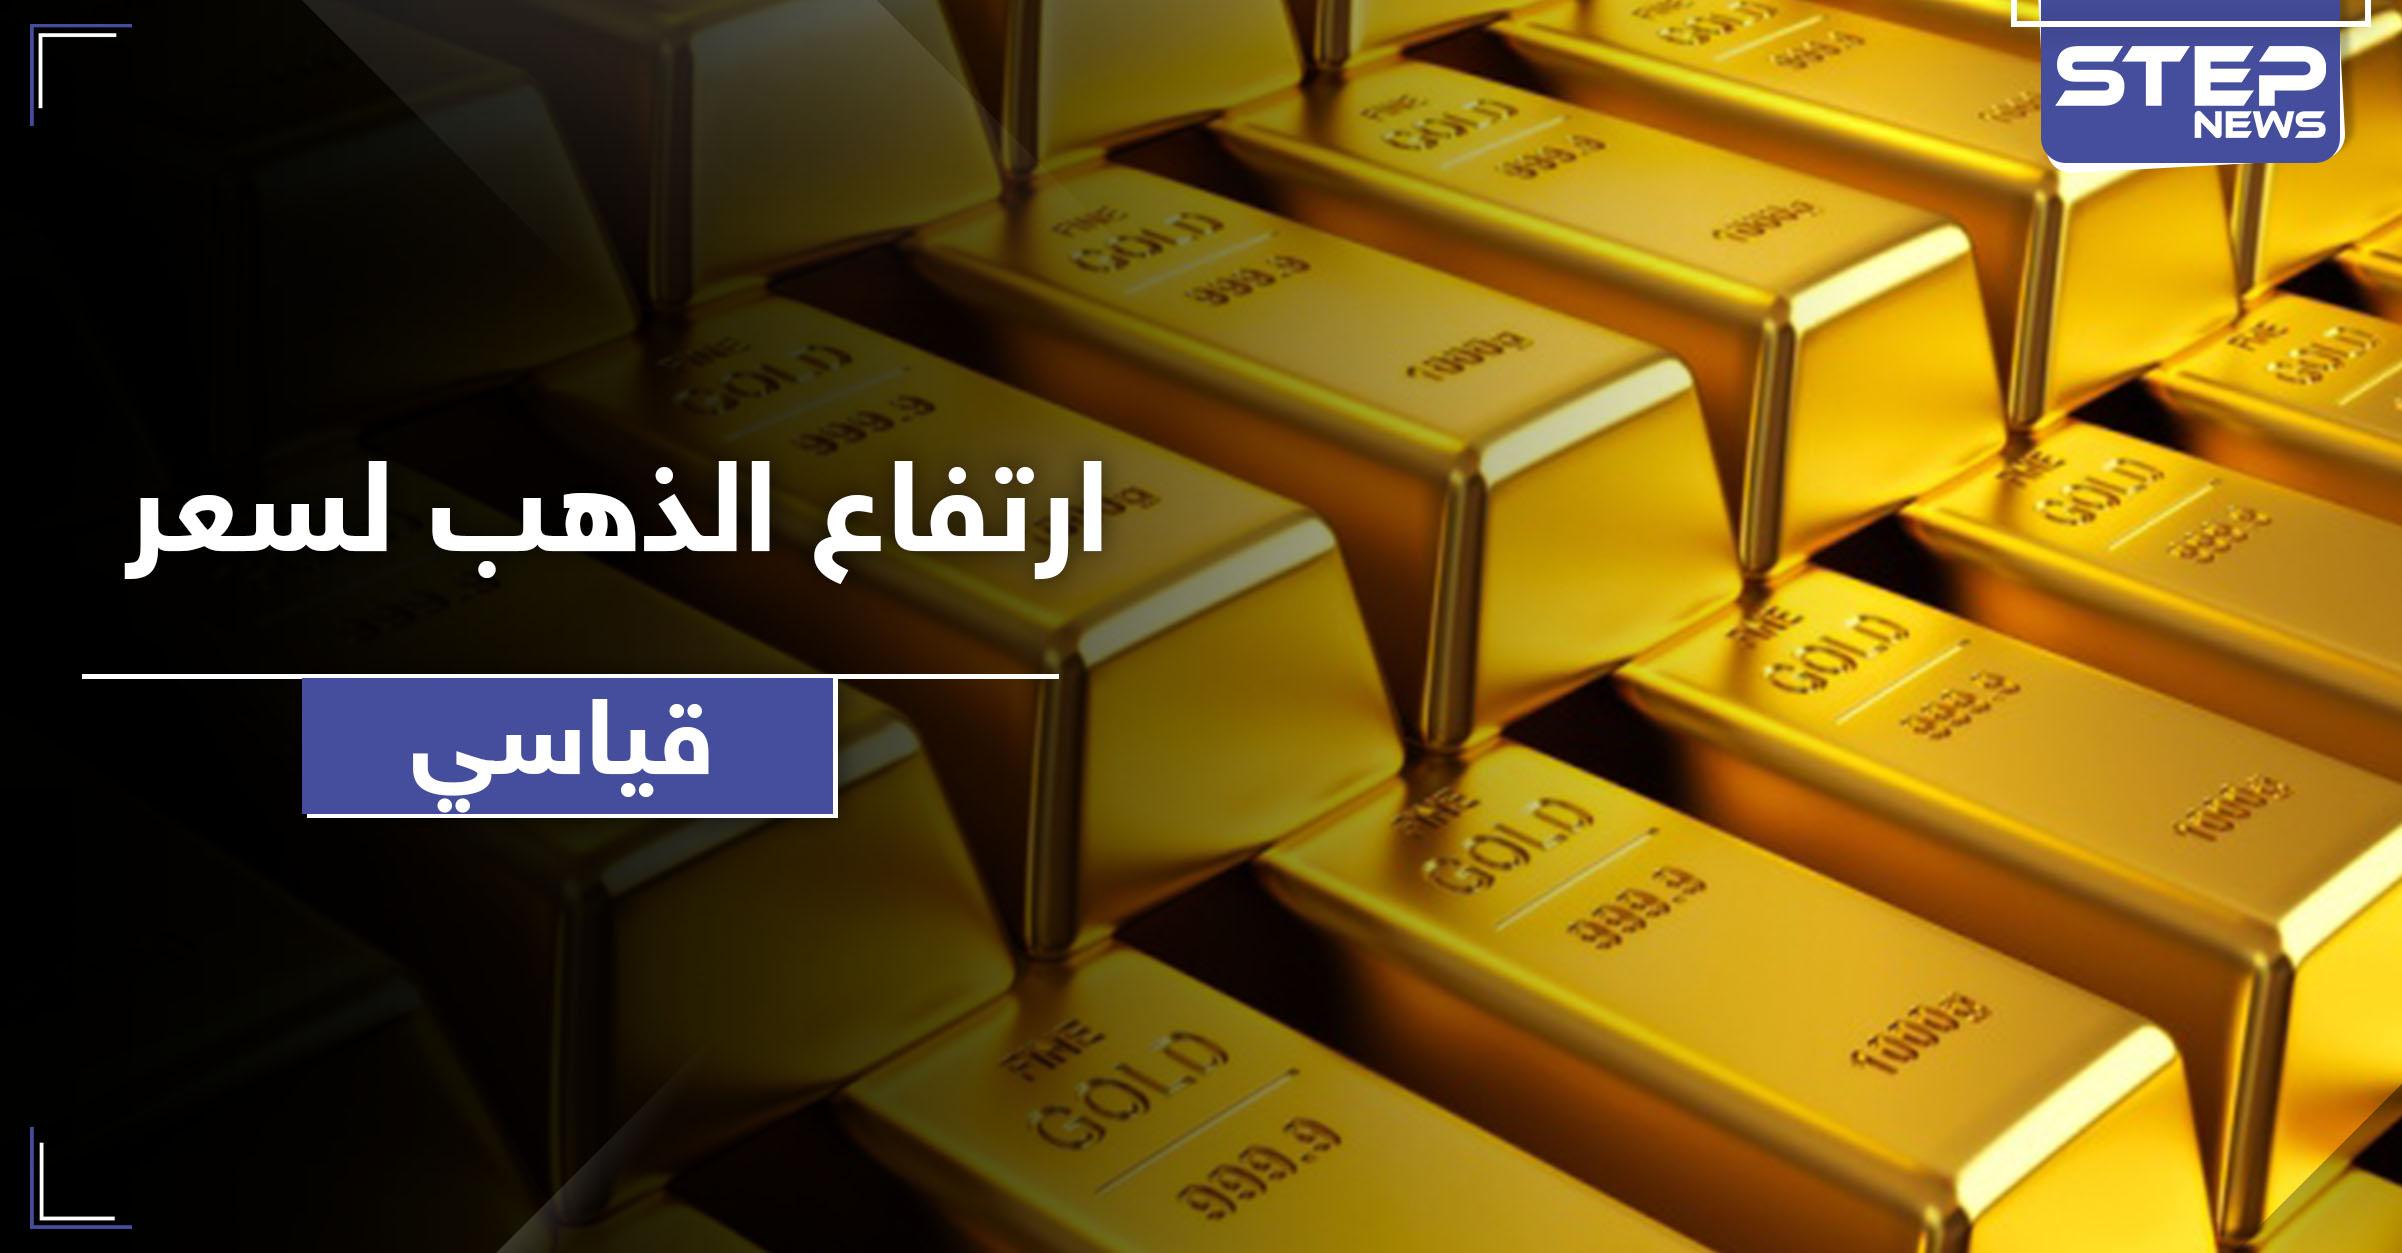 سعر الذهب يسجل رقماً قياسياً في الارتفاع لأول مرة في التاريخ